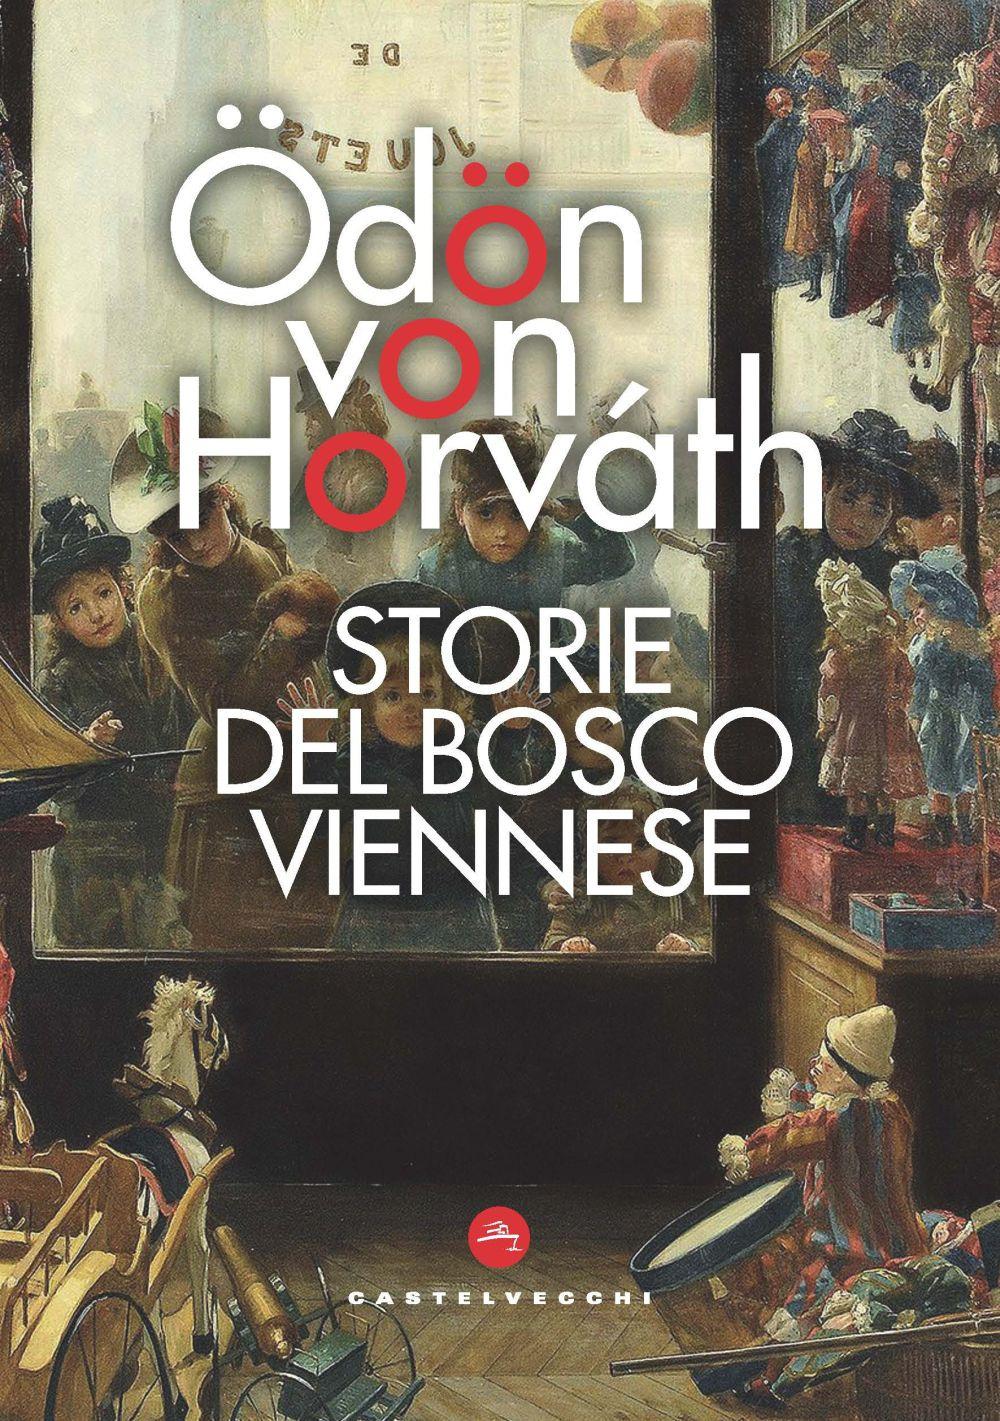 STORIE DEL BOSCO VIENNESE - Horváth Ödön von; Muzzi N. (cur.) - 9788832903478